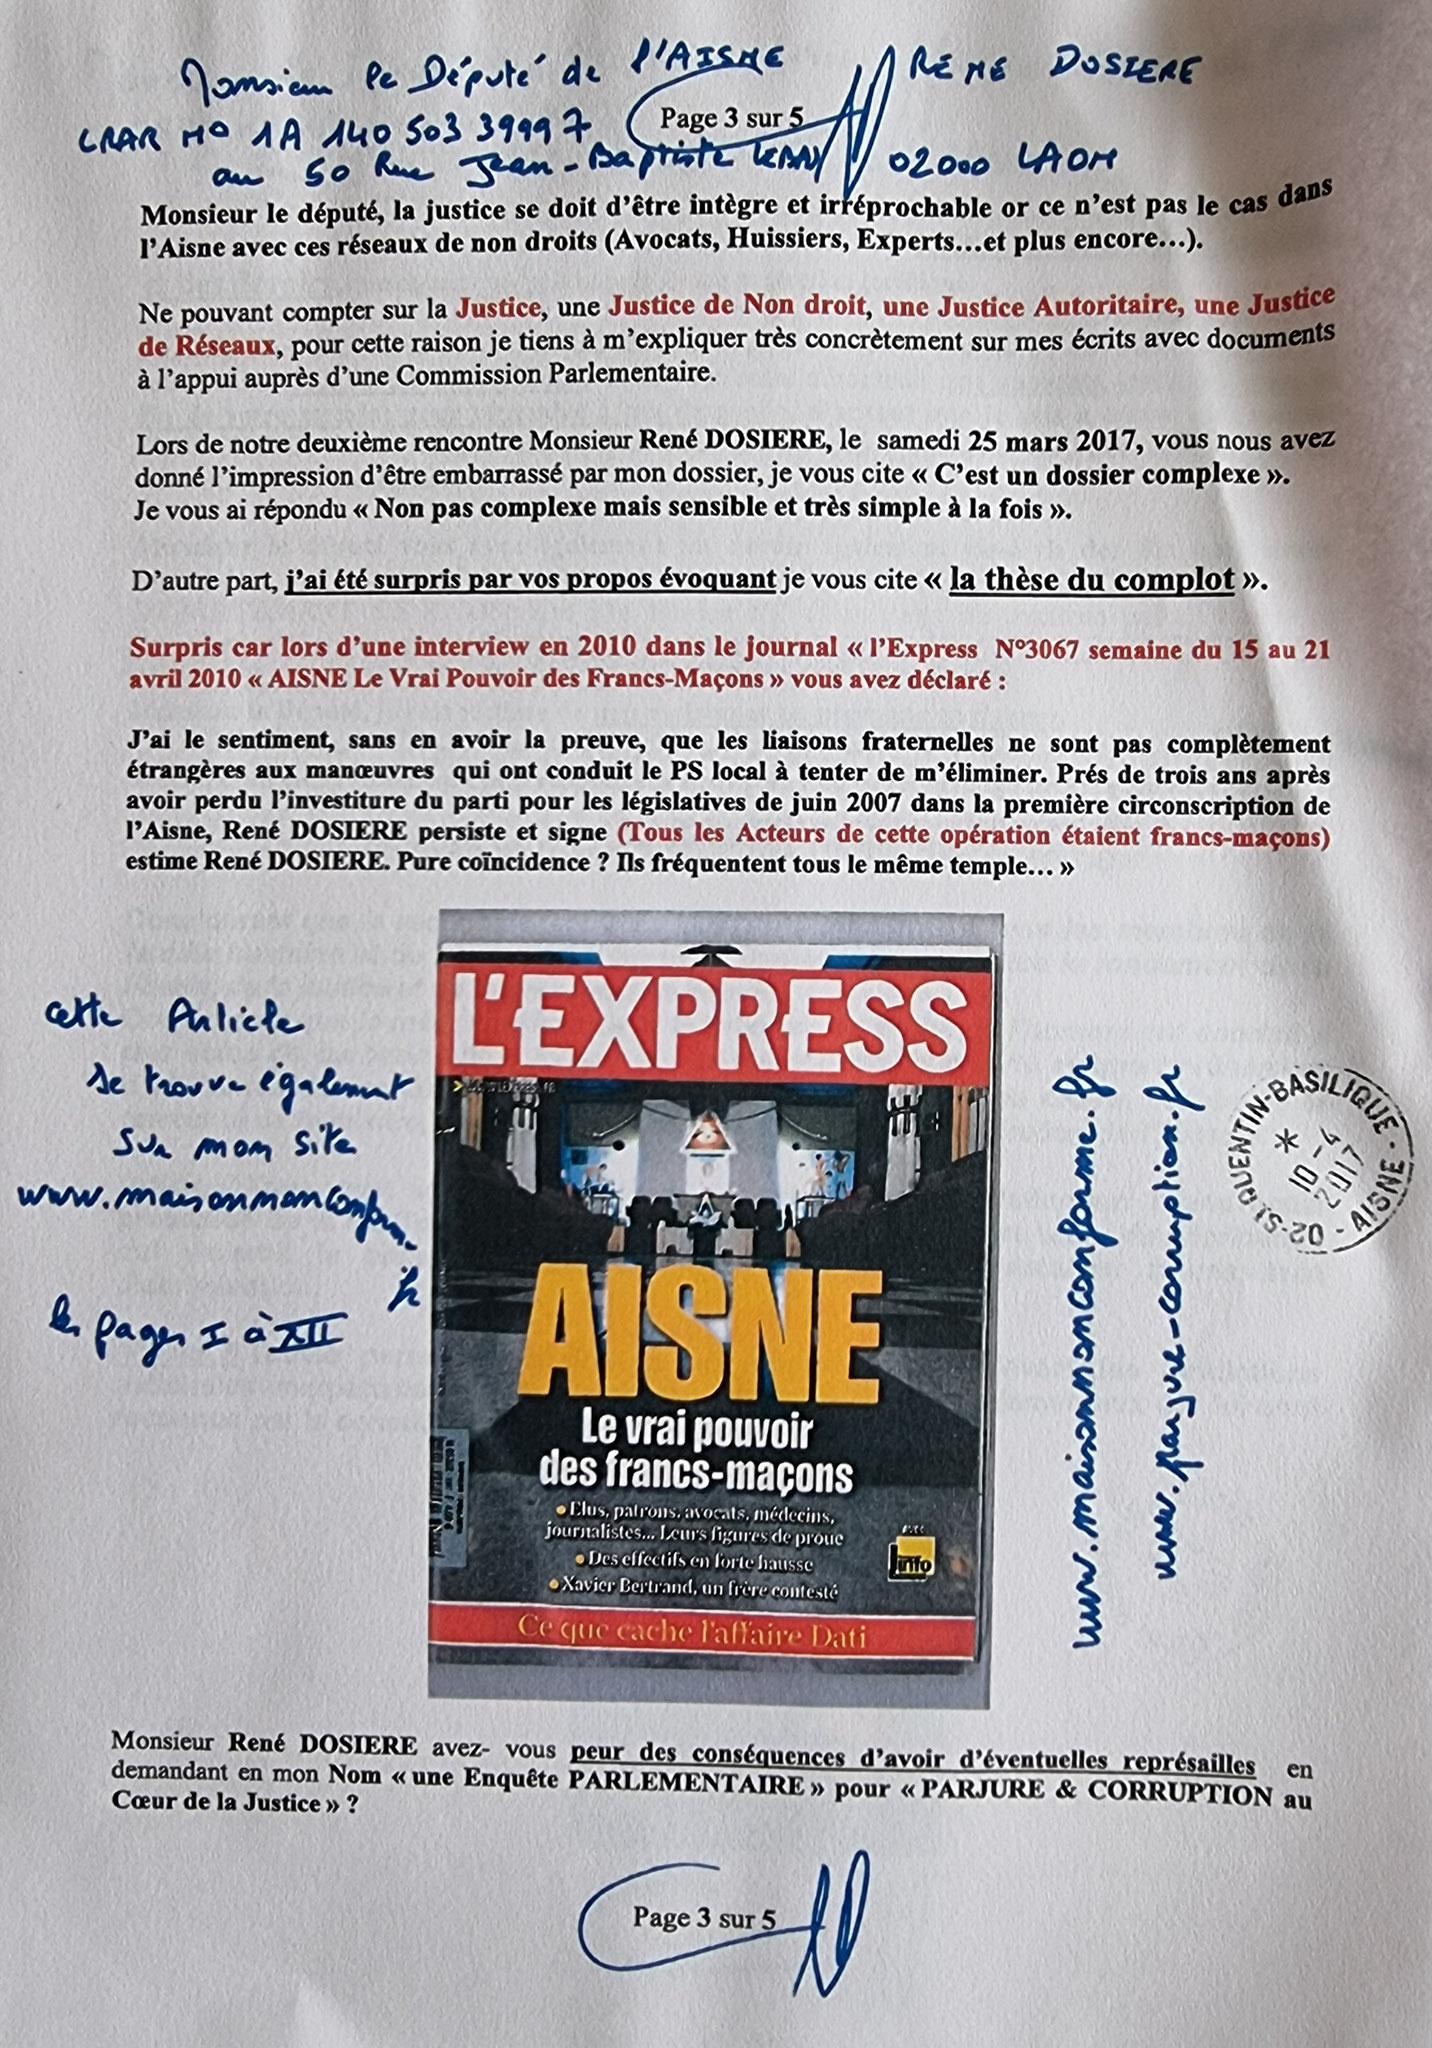 Ma lettre recommandée du 10 Avril 2017 N° 1A 140 503 3999 7 adressée à Monsieur le Député de l'Aisne à LAON (02) Monsieur René DOSIERE NON ASSISTANCE A PERSONNE EN DANGER www.jesuispatrick.fr www.jesuisvictime.fr www.jenesuispasunchien.fr